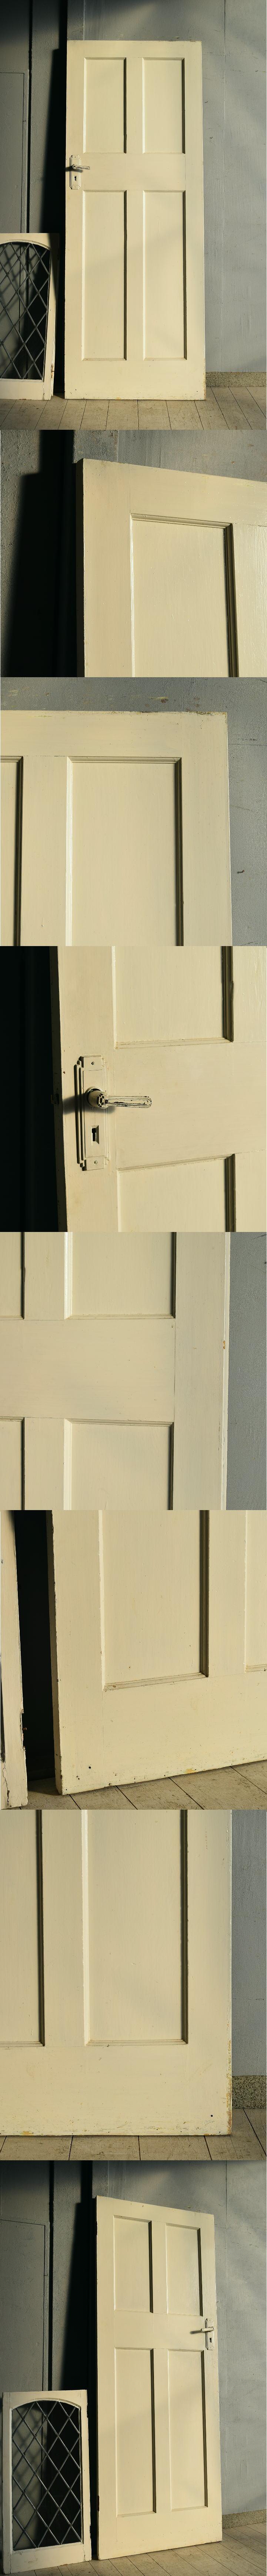 イギリス アンティーク ドア 扉 建具 7636